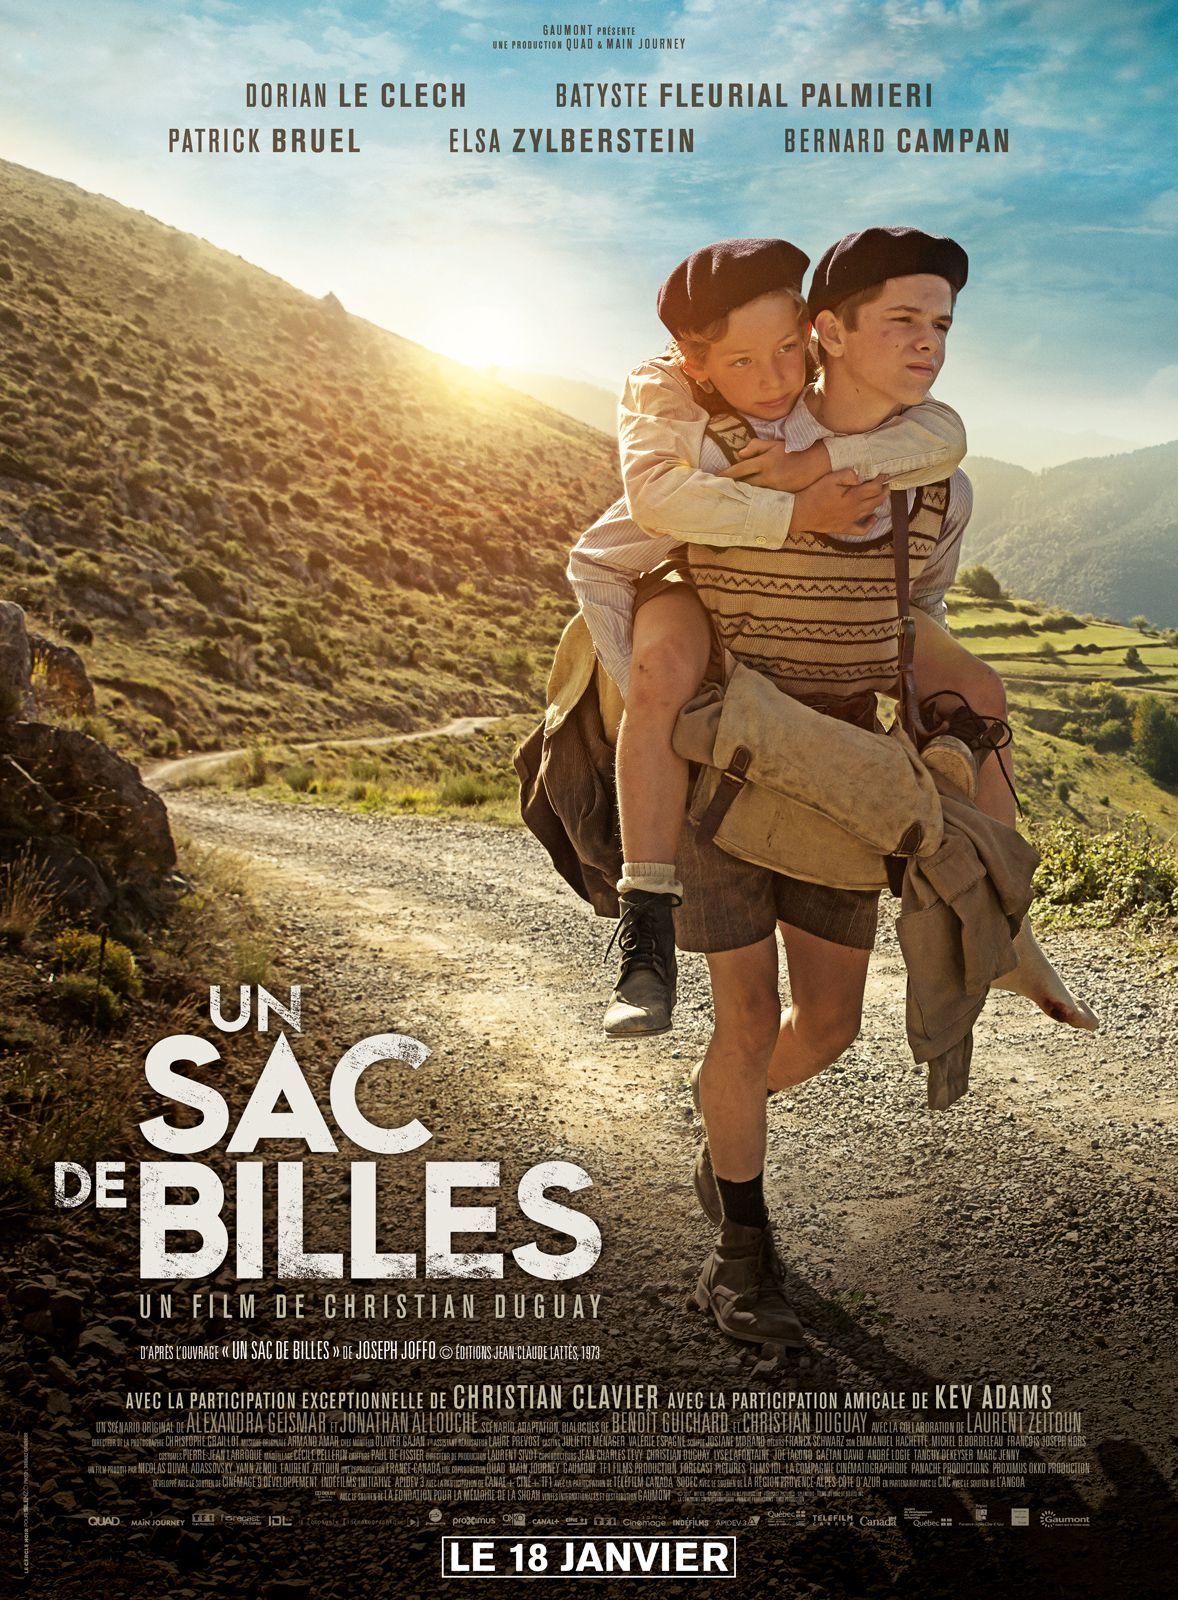 Un sac de billes - Film (2017)